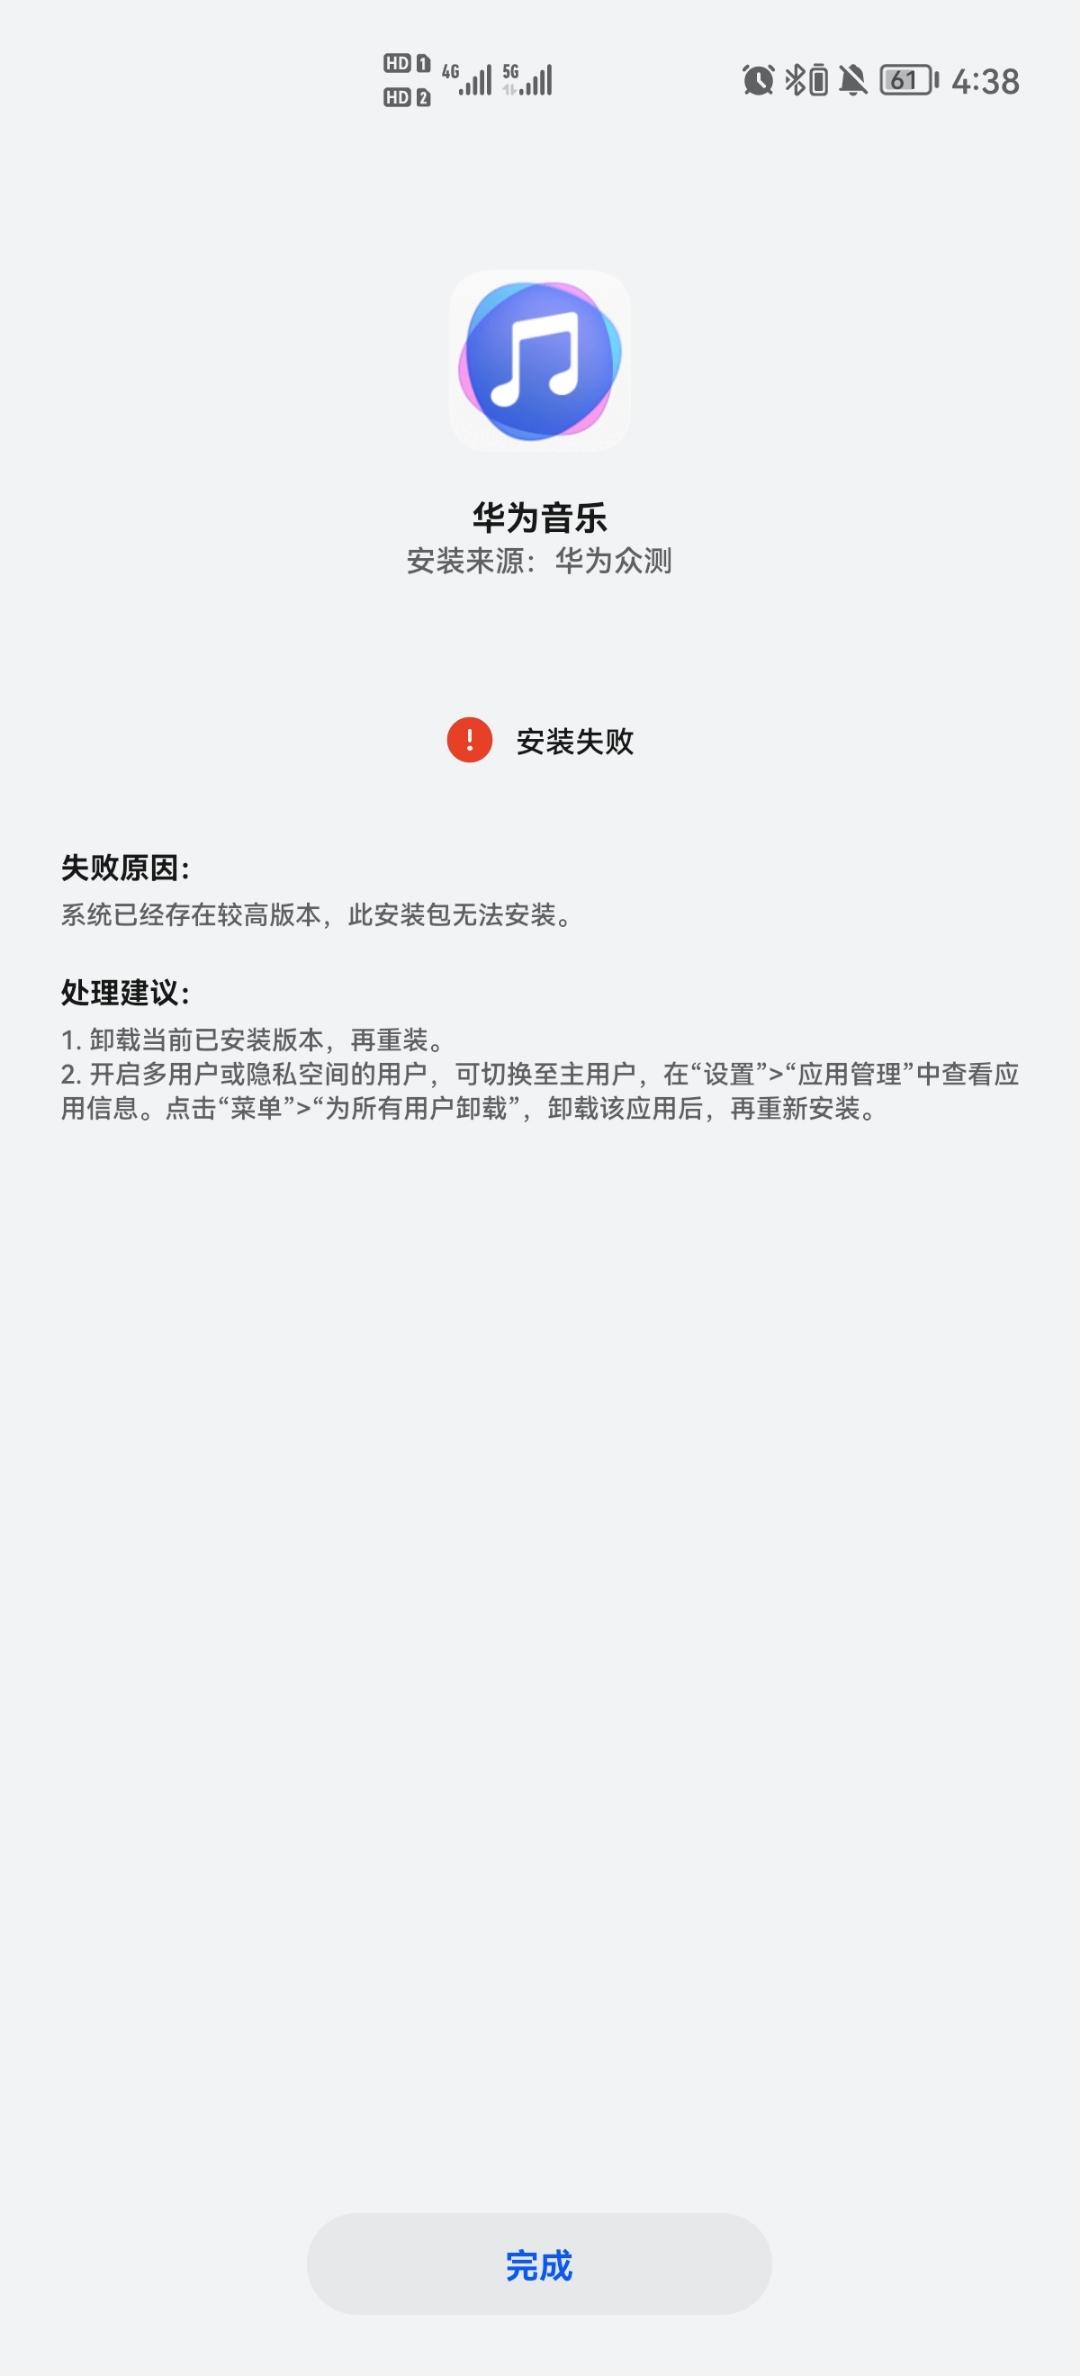 Screenshot_20210608_163833_com.android.packageinstaller.jpg